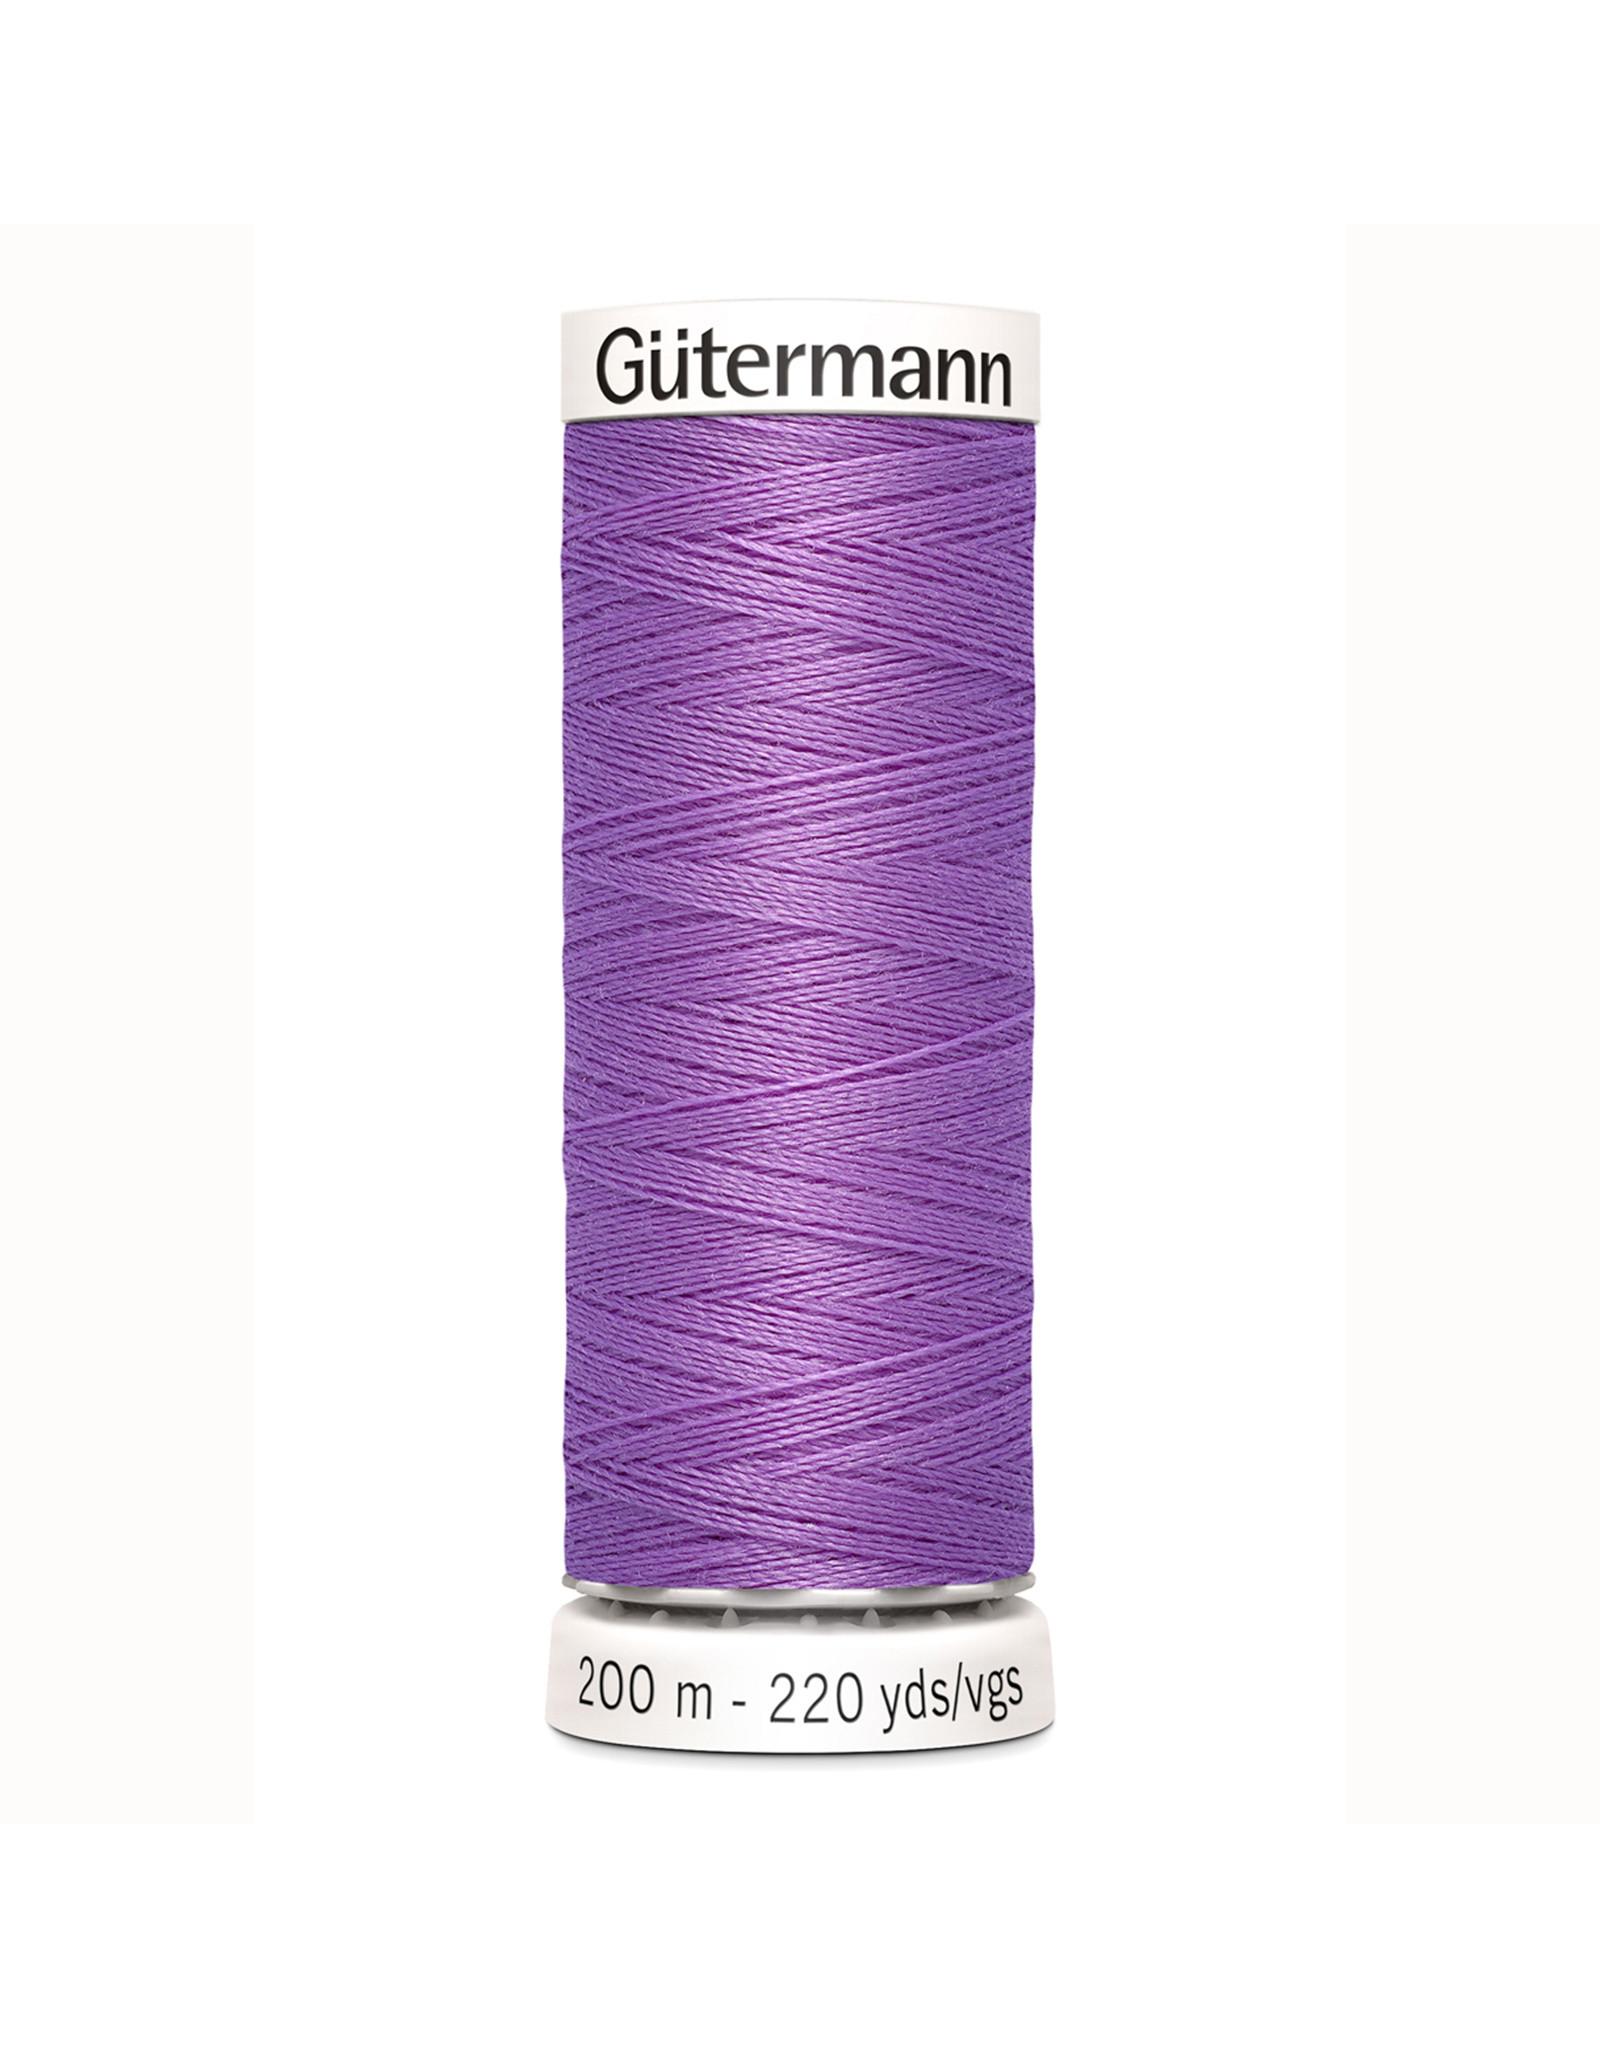 Gütermann Gütermann Sewing Thread 200 m - nr 291